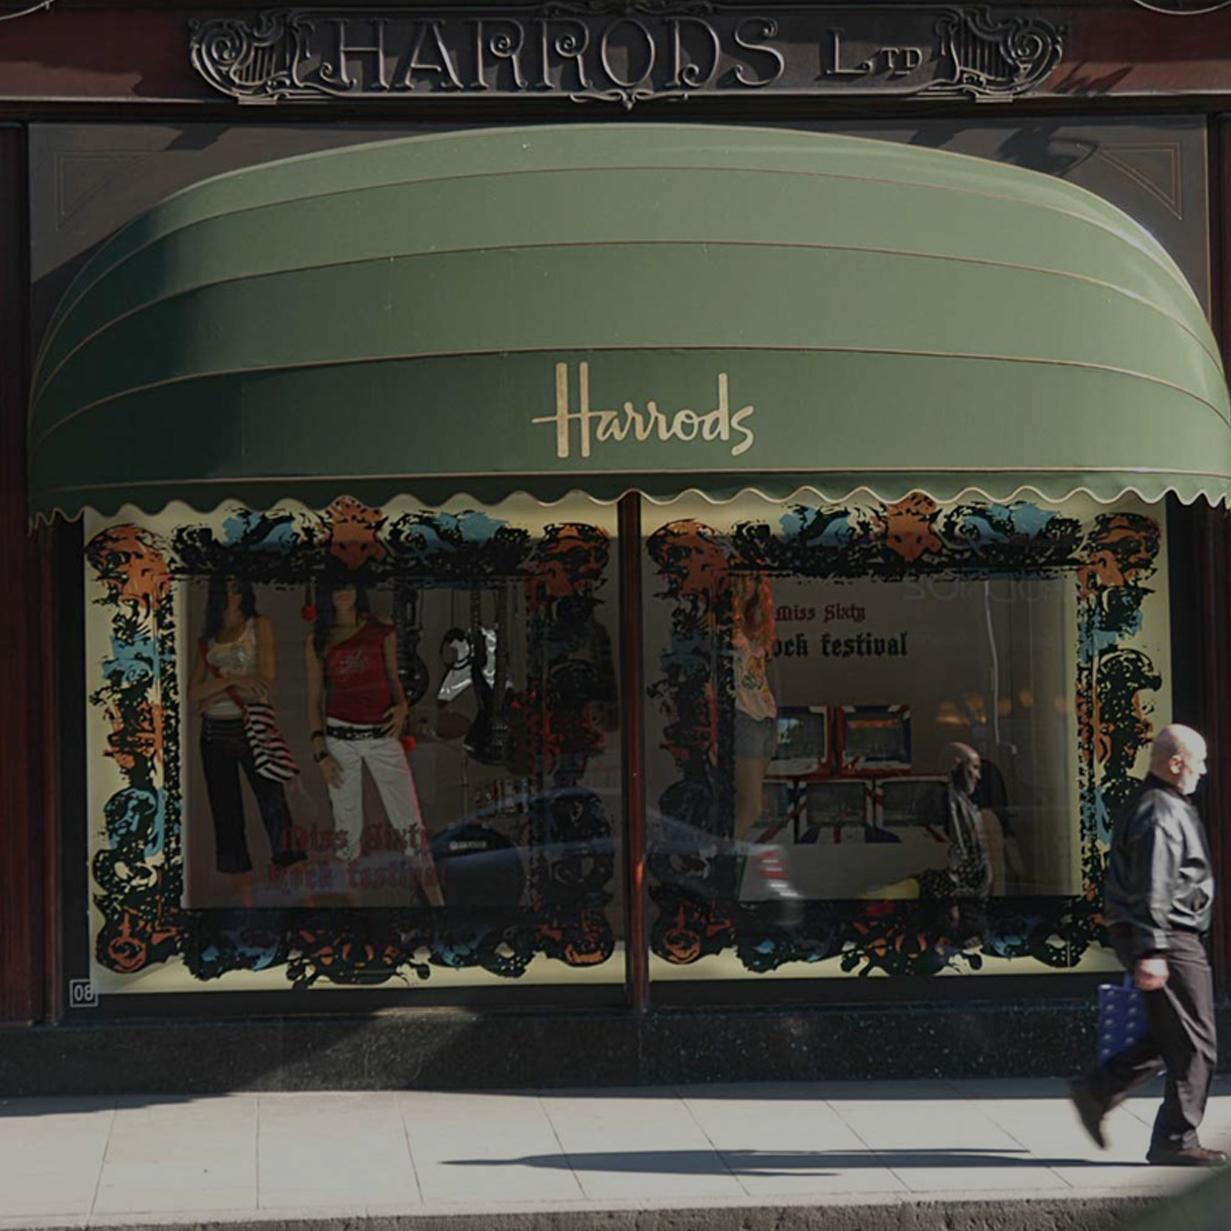 LONDON: Harrods